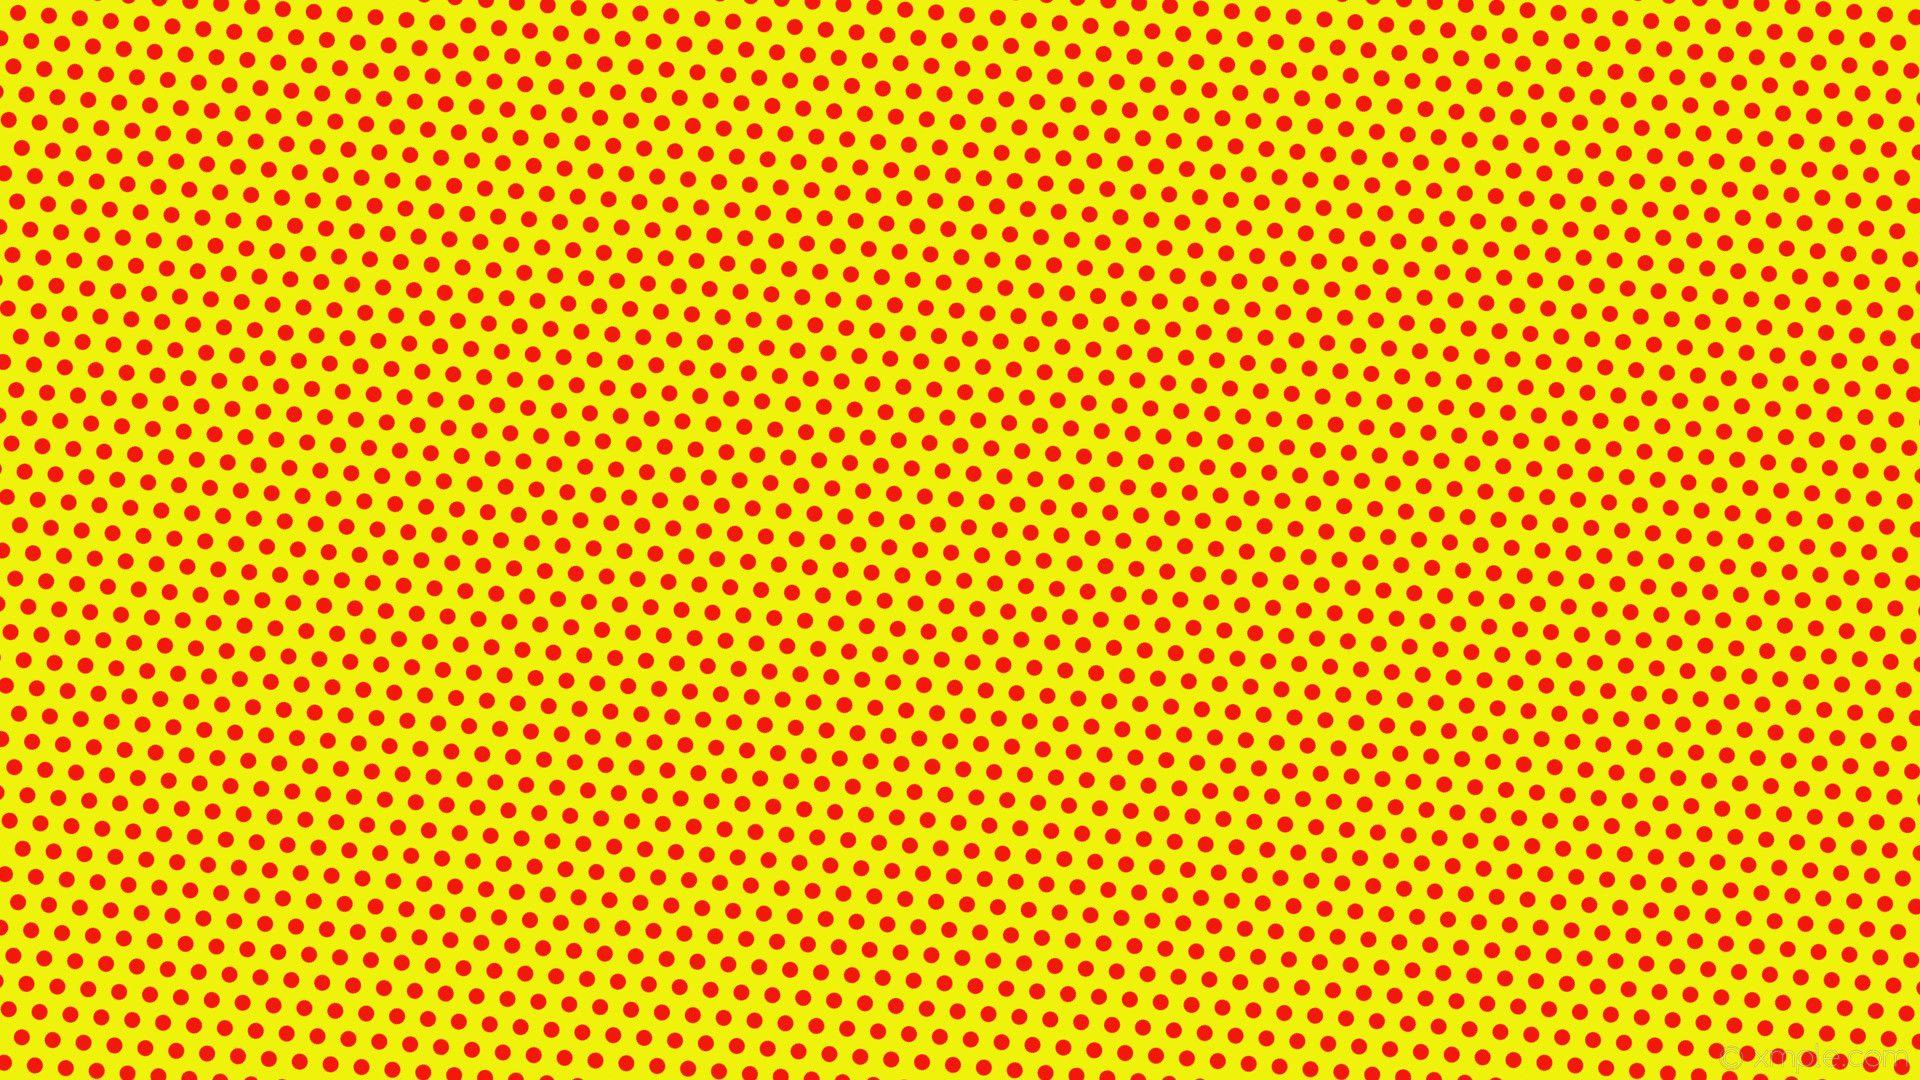 Dots wallpaper download